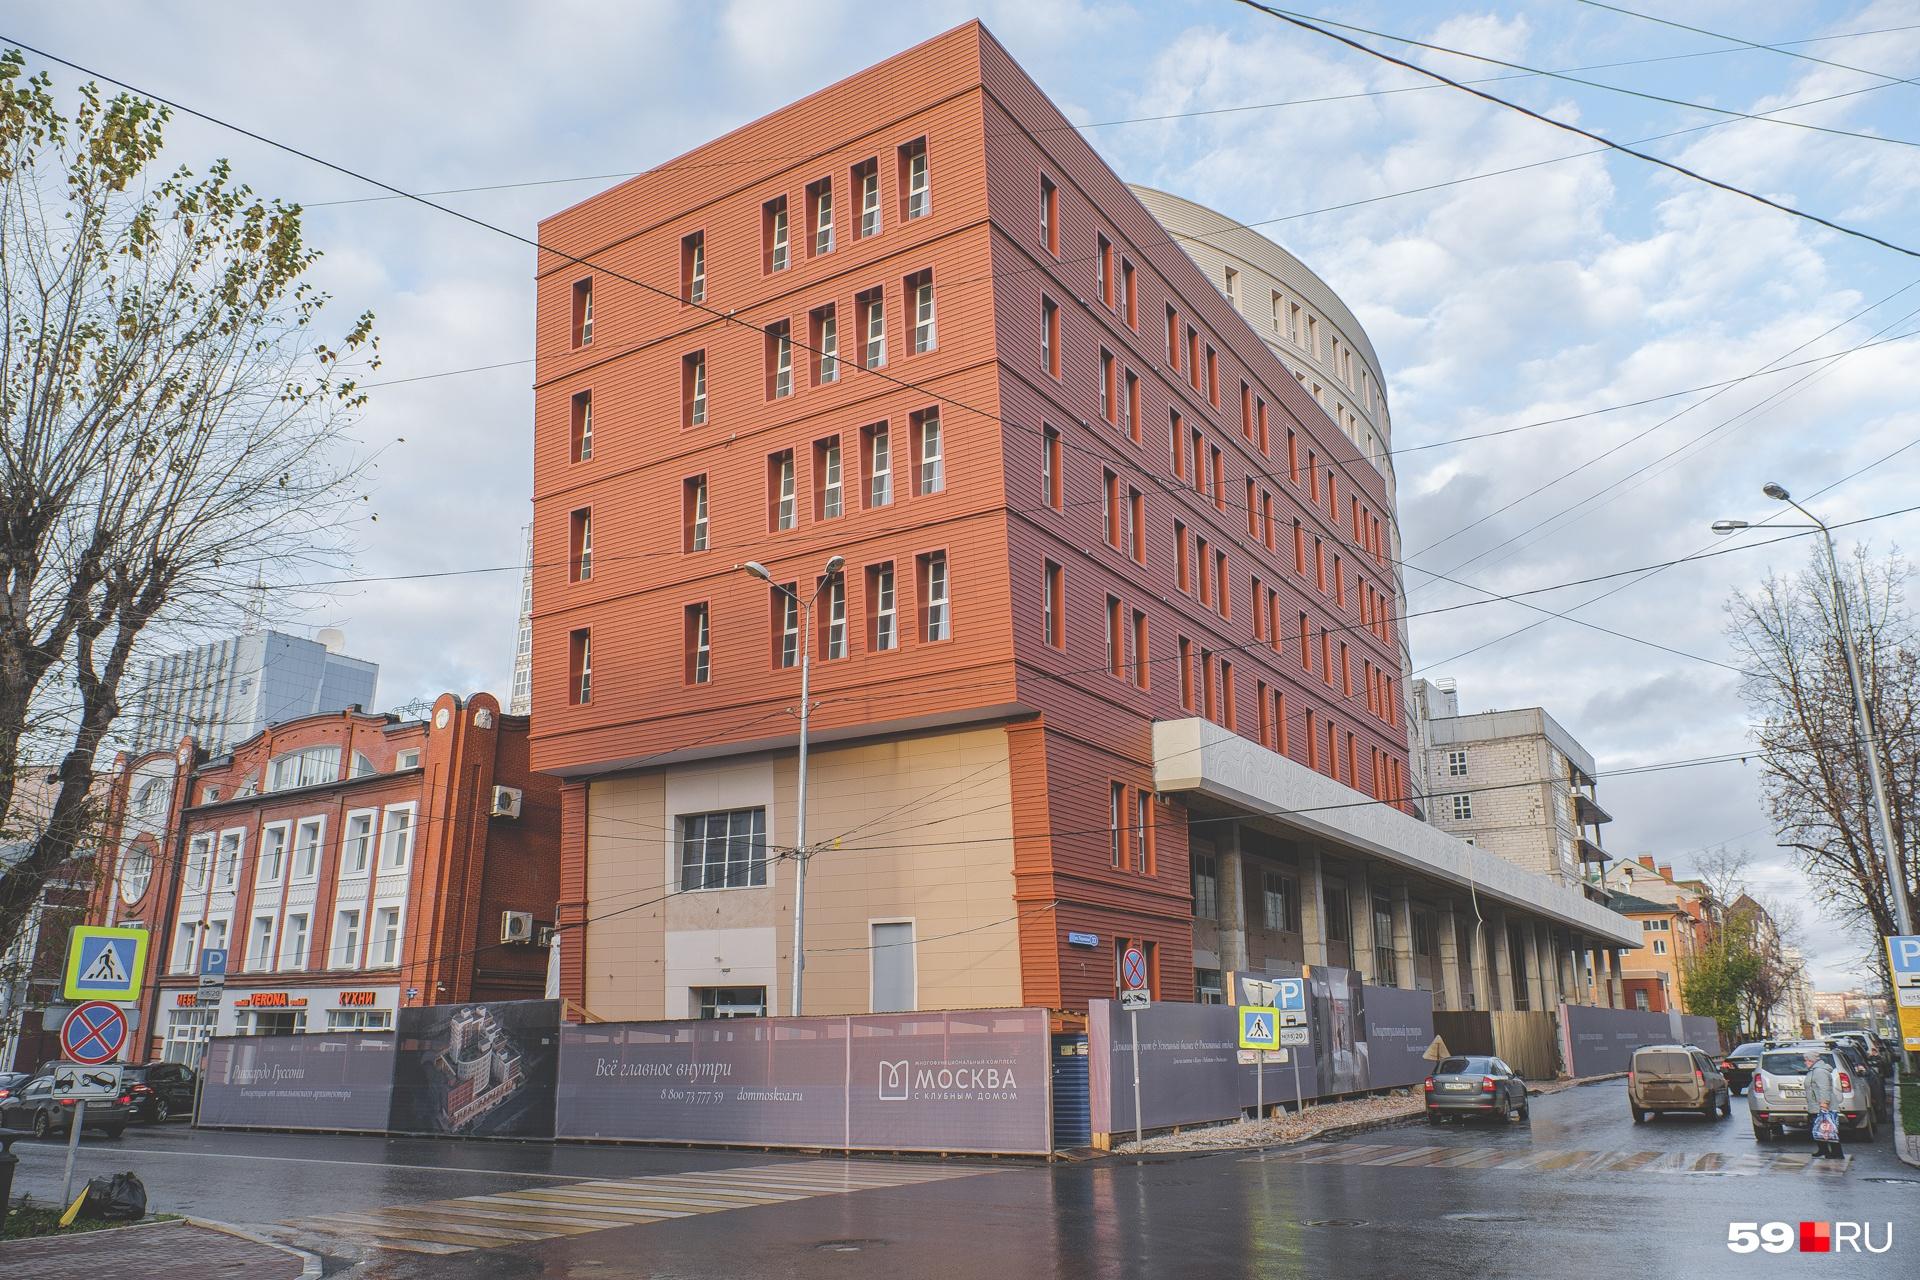 Так выглядит здание с другого ракурса